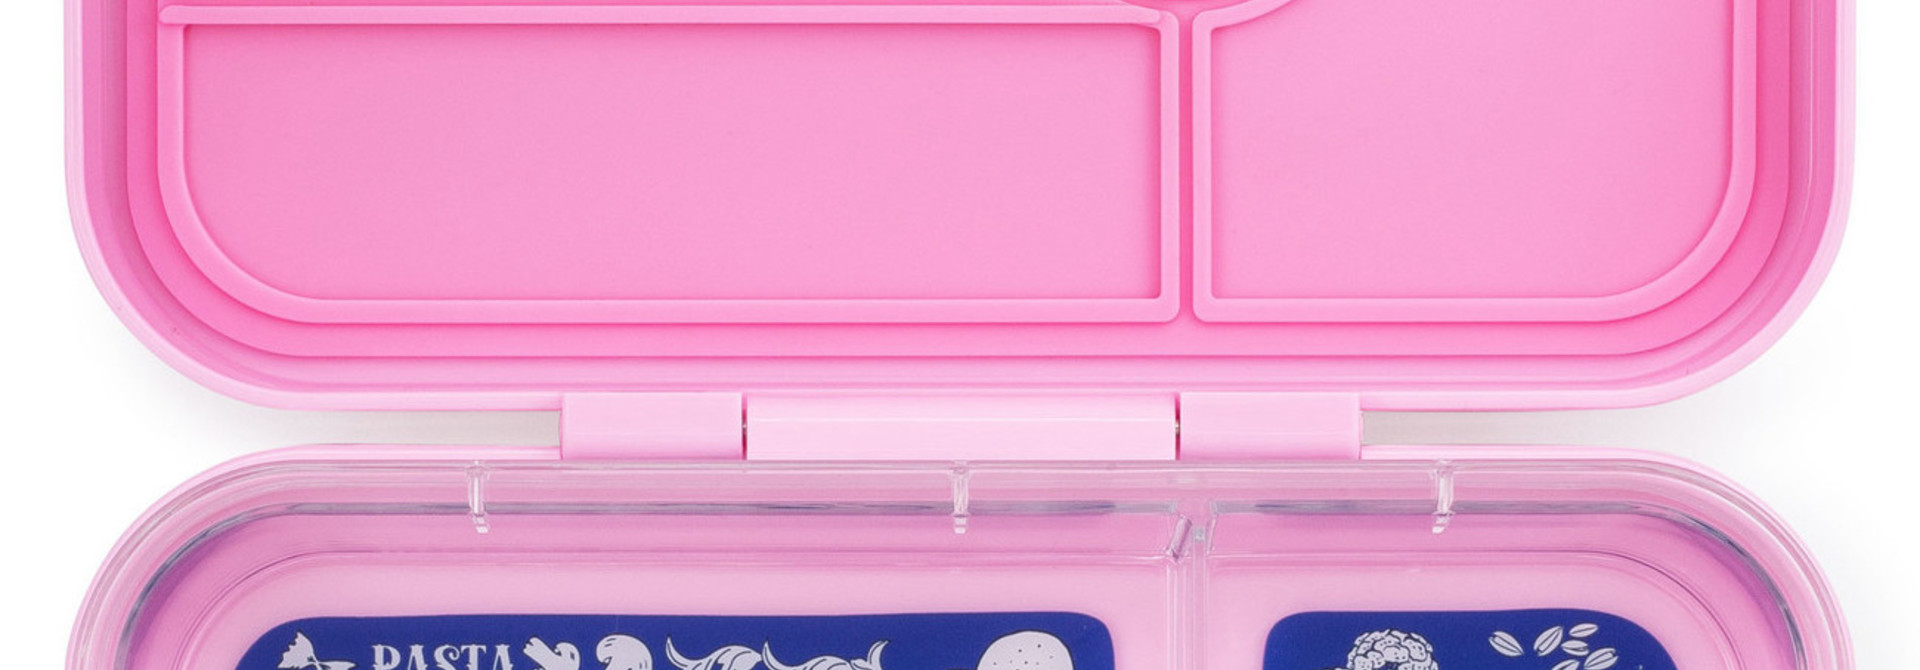 Yumbox Tapas XL lunchtrommel Stardust roze / Bon appetit tray 5-vakken